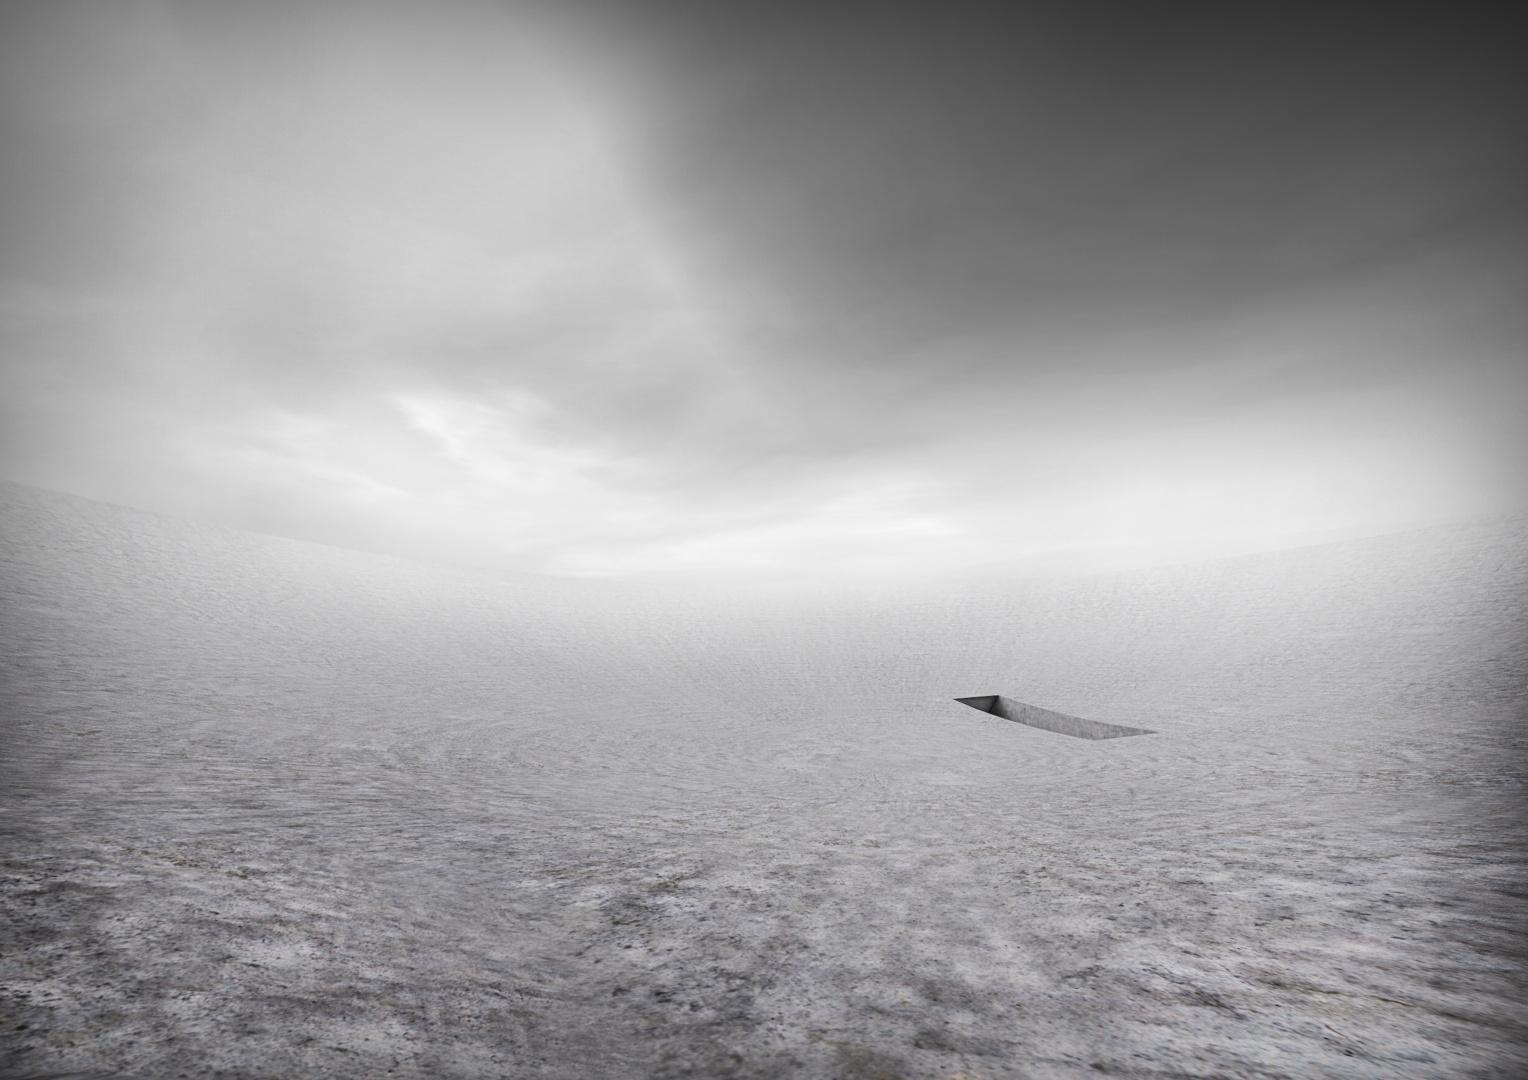 3. Absoluter Raum © Dominik von Moos